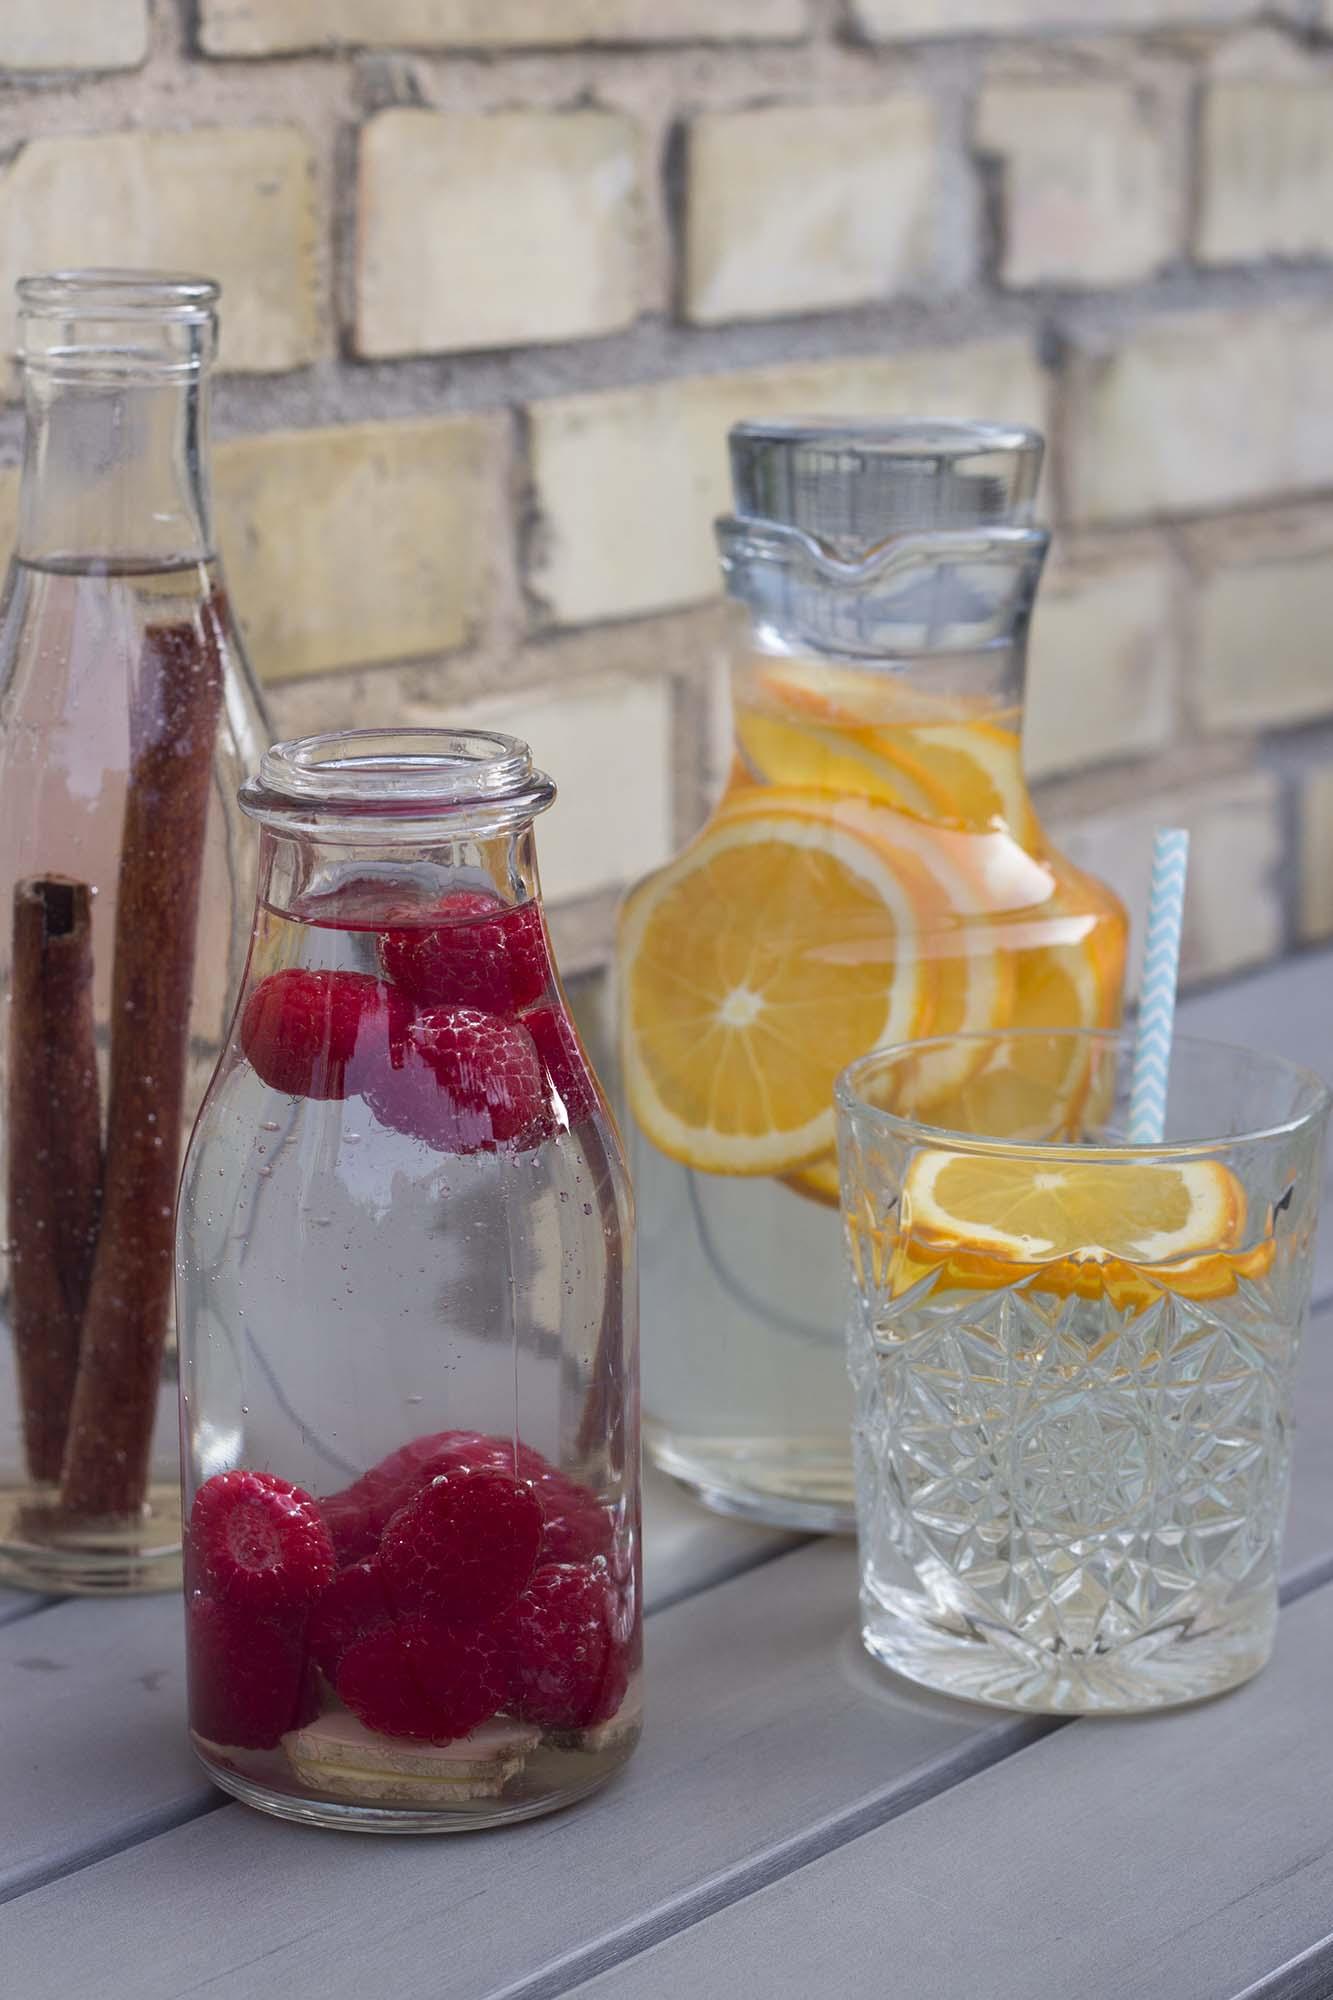 Vand med smag